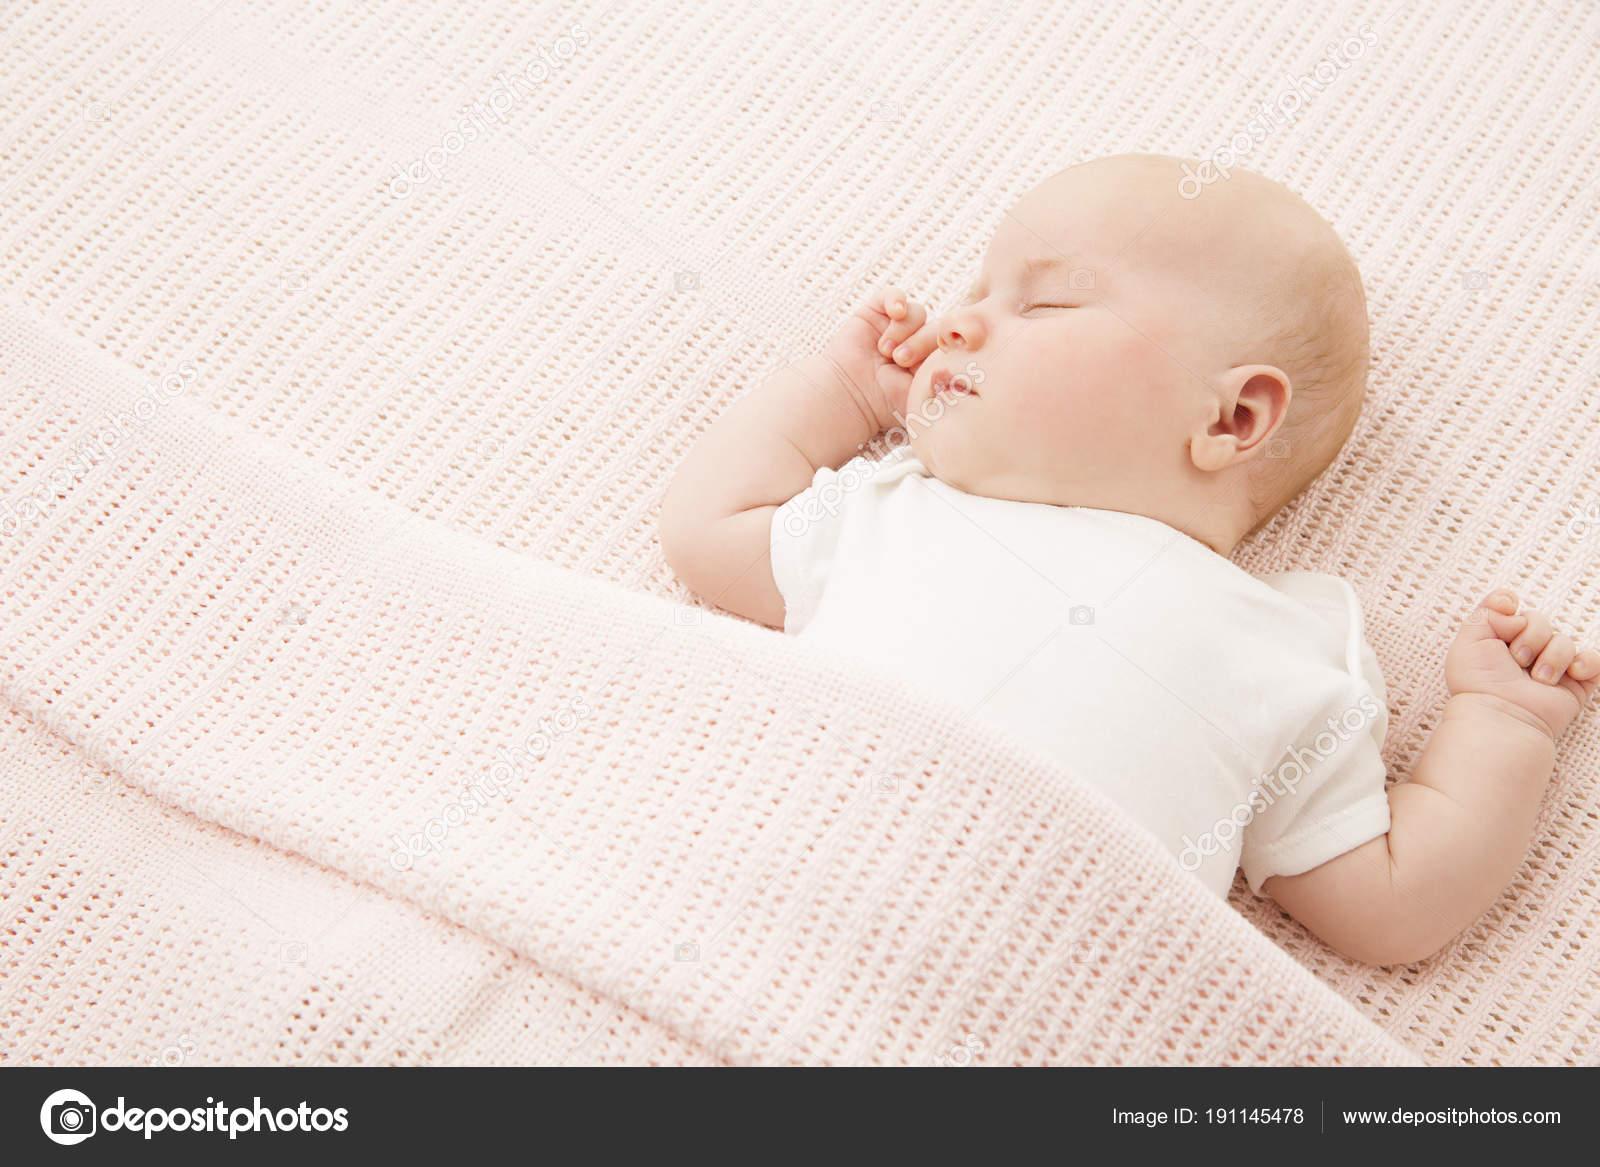 Baby meisje slapen in bed nieuwe geboren kind vallen gebreid